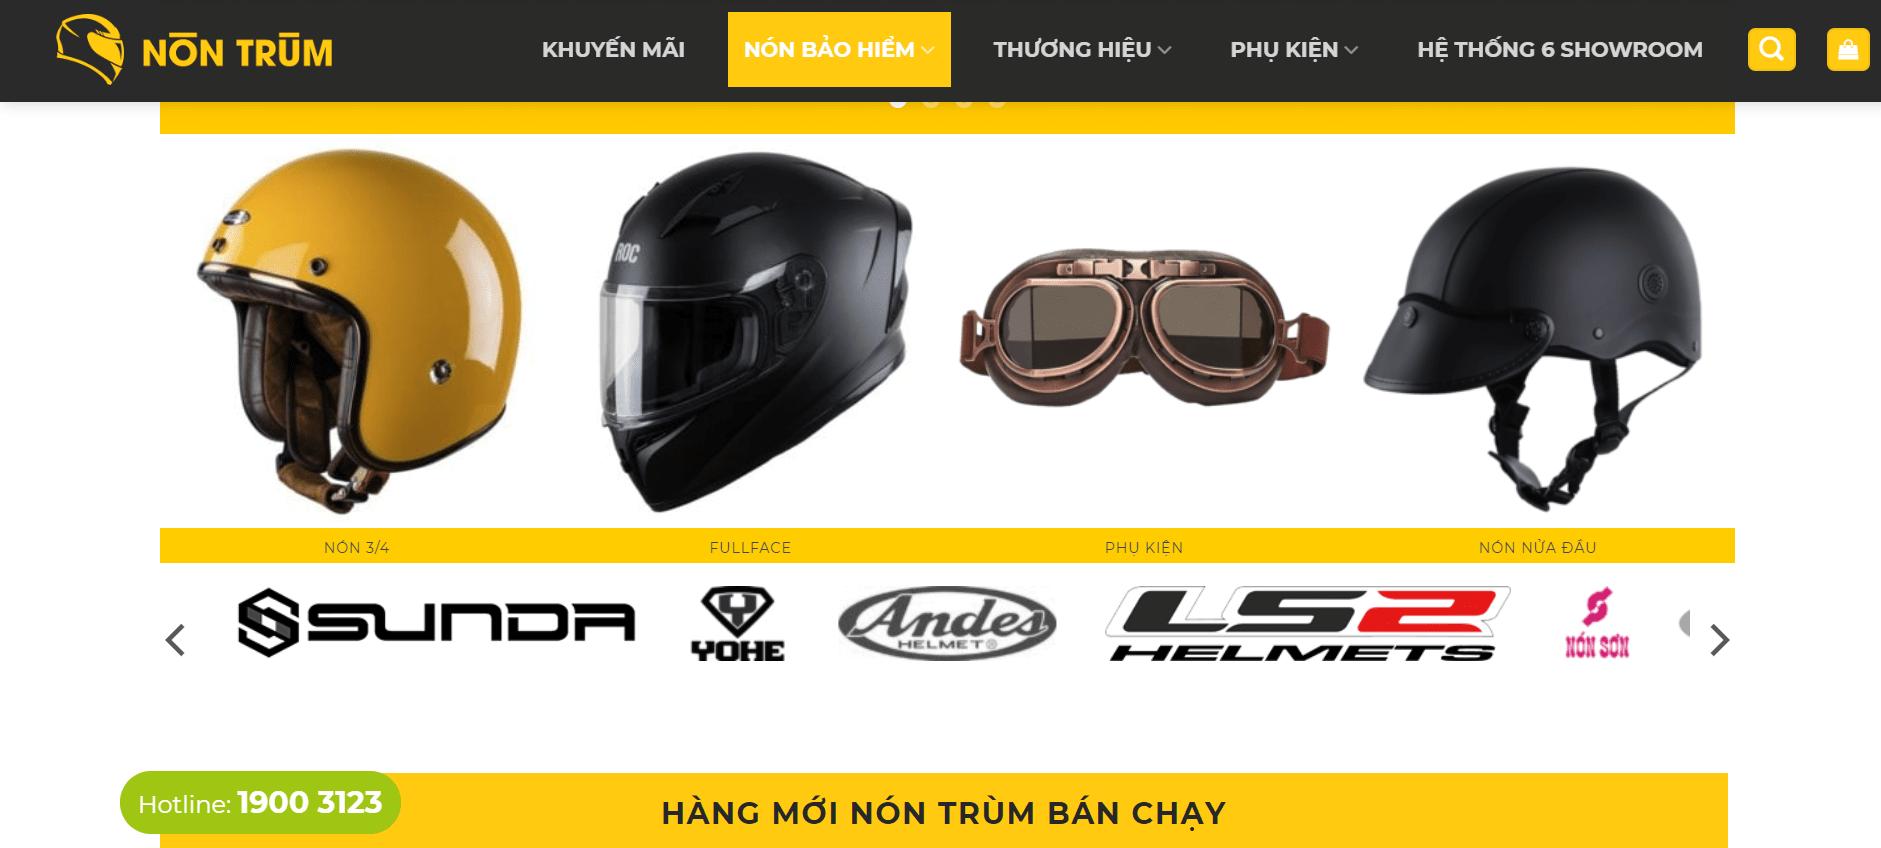 cửa hàng bán mũ bảo hiểm tại Sài Gòn